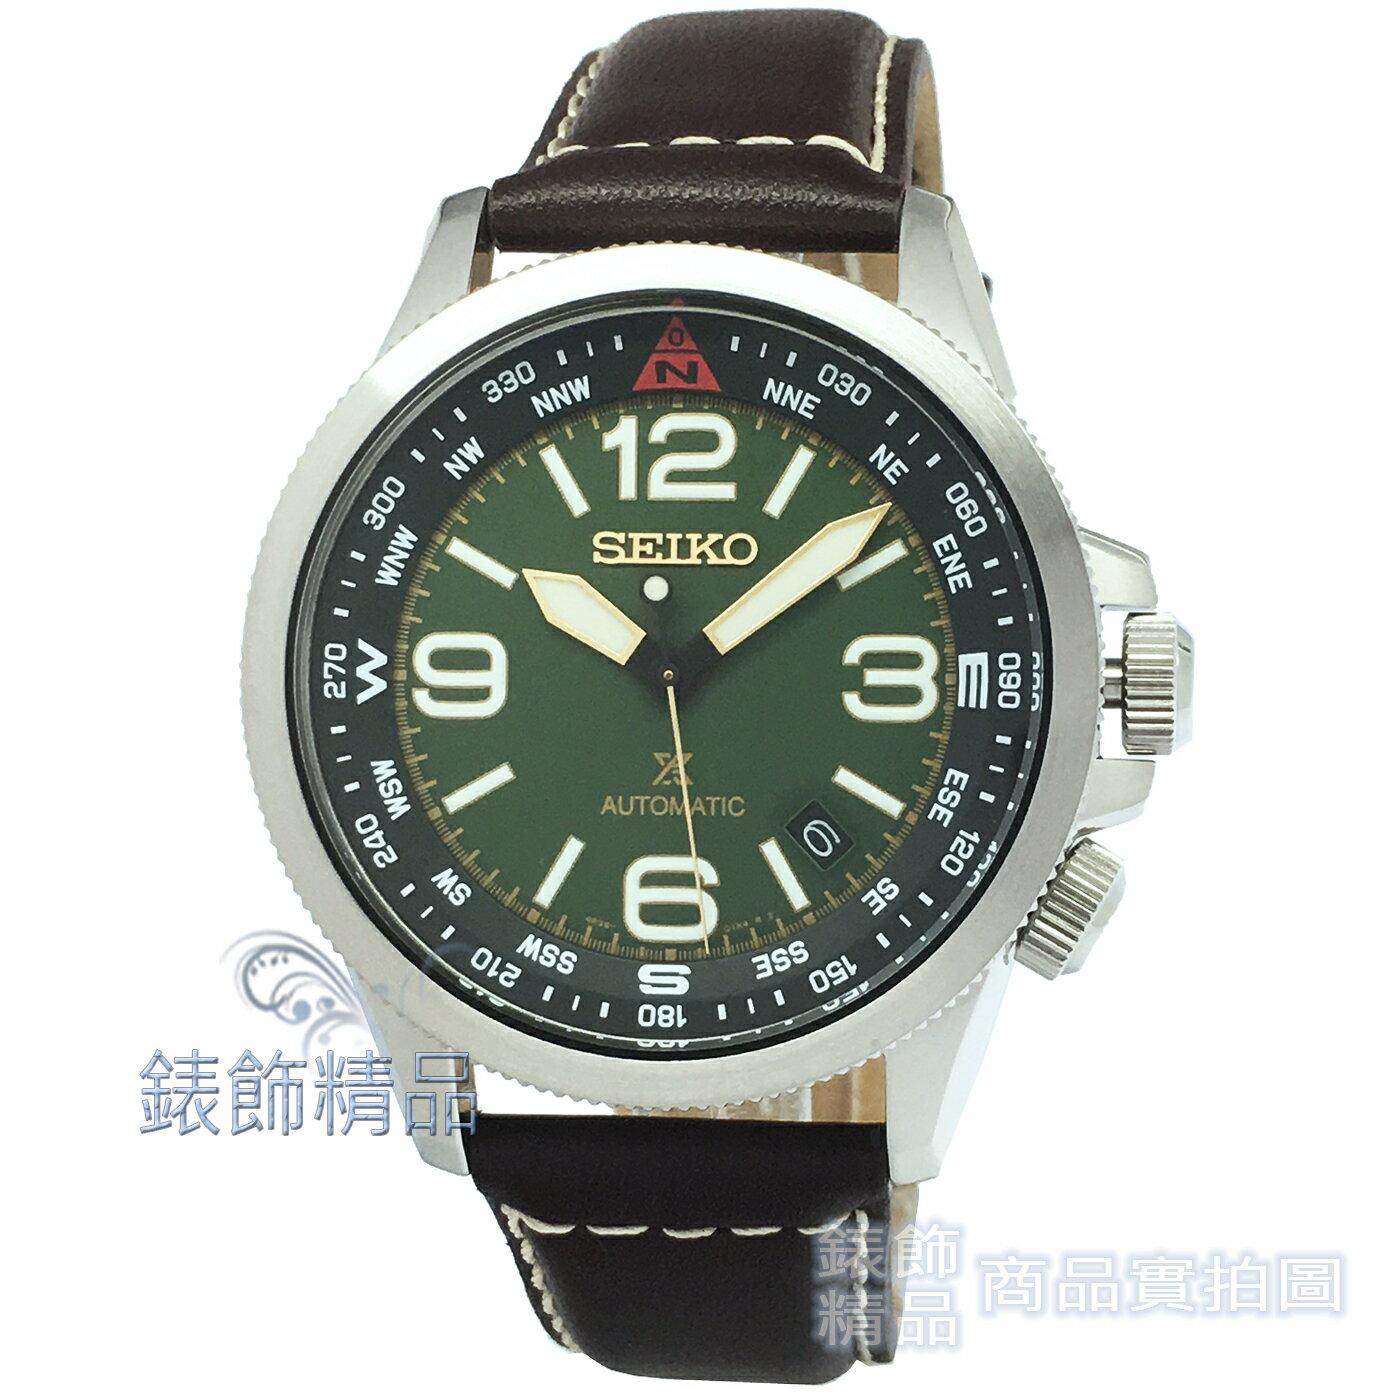 【錶飾精品】 SEIKO SRPA77K1 精工表PROSPEX系列 手自動機械錶 旋轉方位辨識 綠面咖啡色真皮錶帶